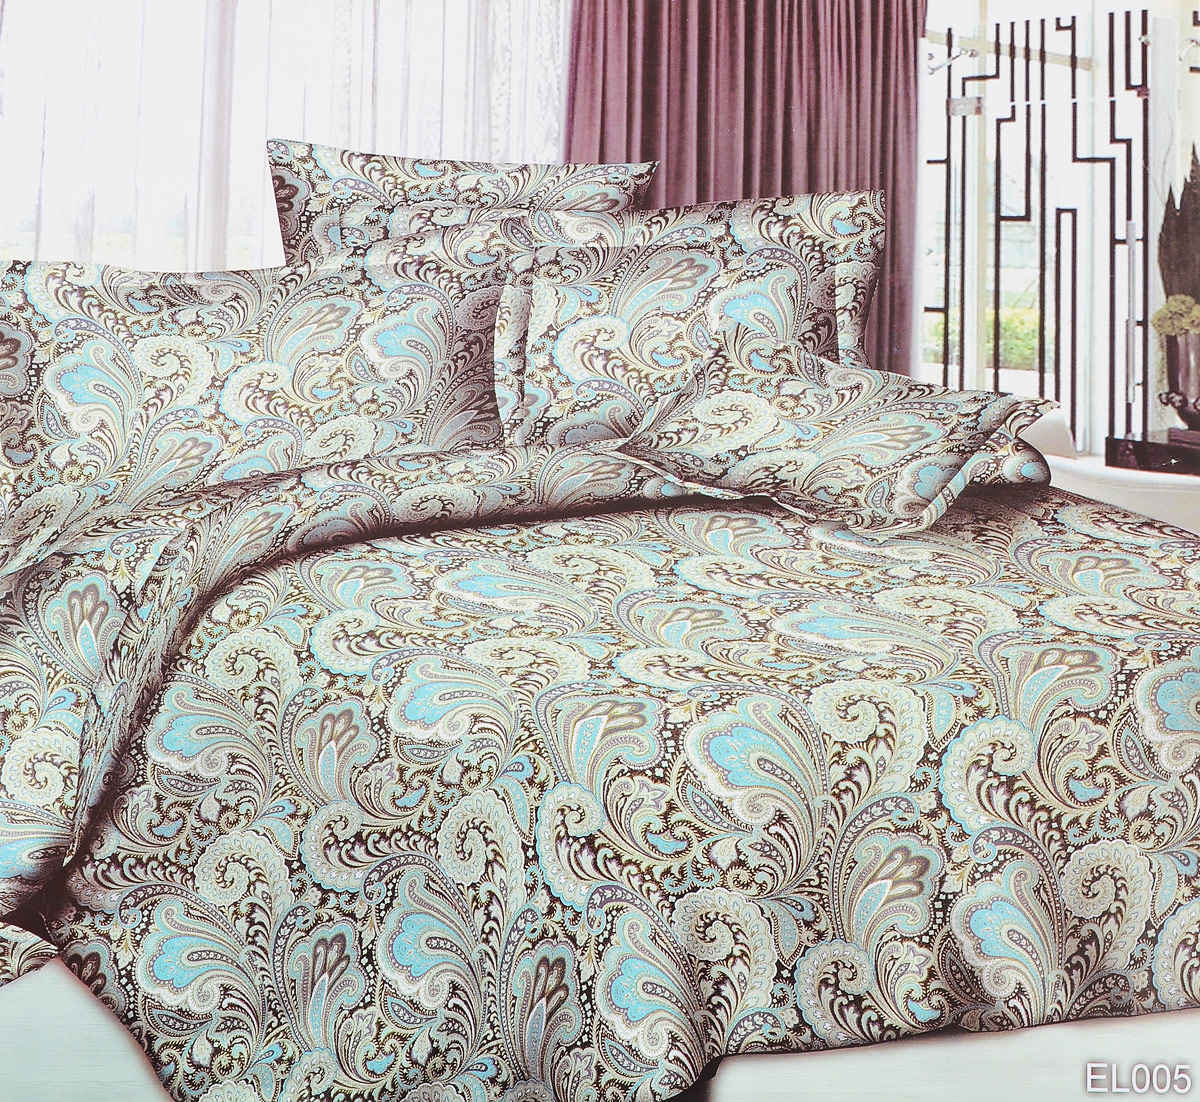 Комплект белья ЭГО Шик, 2-спальный, наволочки 70x70K100Комплект белья ЭГО Шик выполнен из полисатина (50% хлопка, 50% полиэстера). Комплект состоит из пододеяльника, простыни и двух наволочек. Постельное белье имеет изысканный внешний вид и яркую цветовую гамму. Гладкая структура делает ткань приятной на ощупь, мягкой и нежной, при этом она прочная и хорошо сохраняет форму. Ткань легко гладится, не линяет и не садится. Приобретая комплект постельного белья ЭГО Шик, вы можете быть уверенны в том, что покупка доставит вам и вашим близким удовольствие и подарит максимальный комфорт.